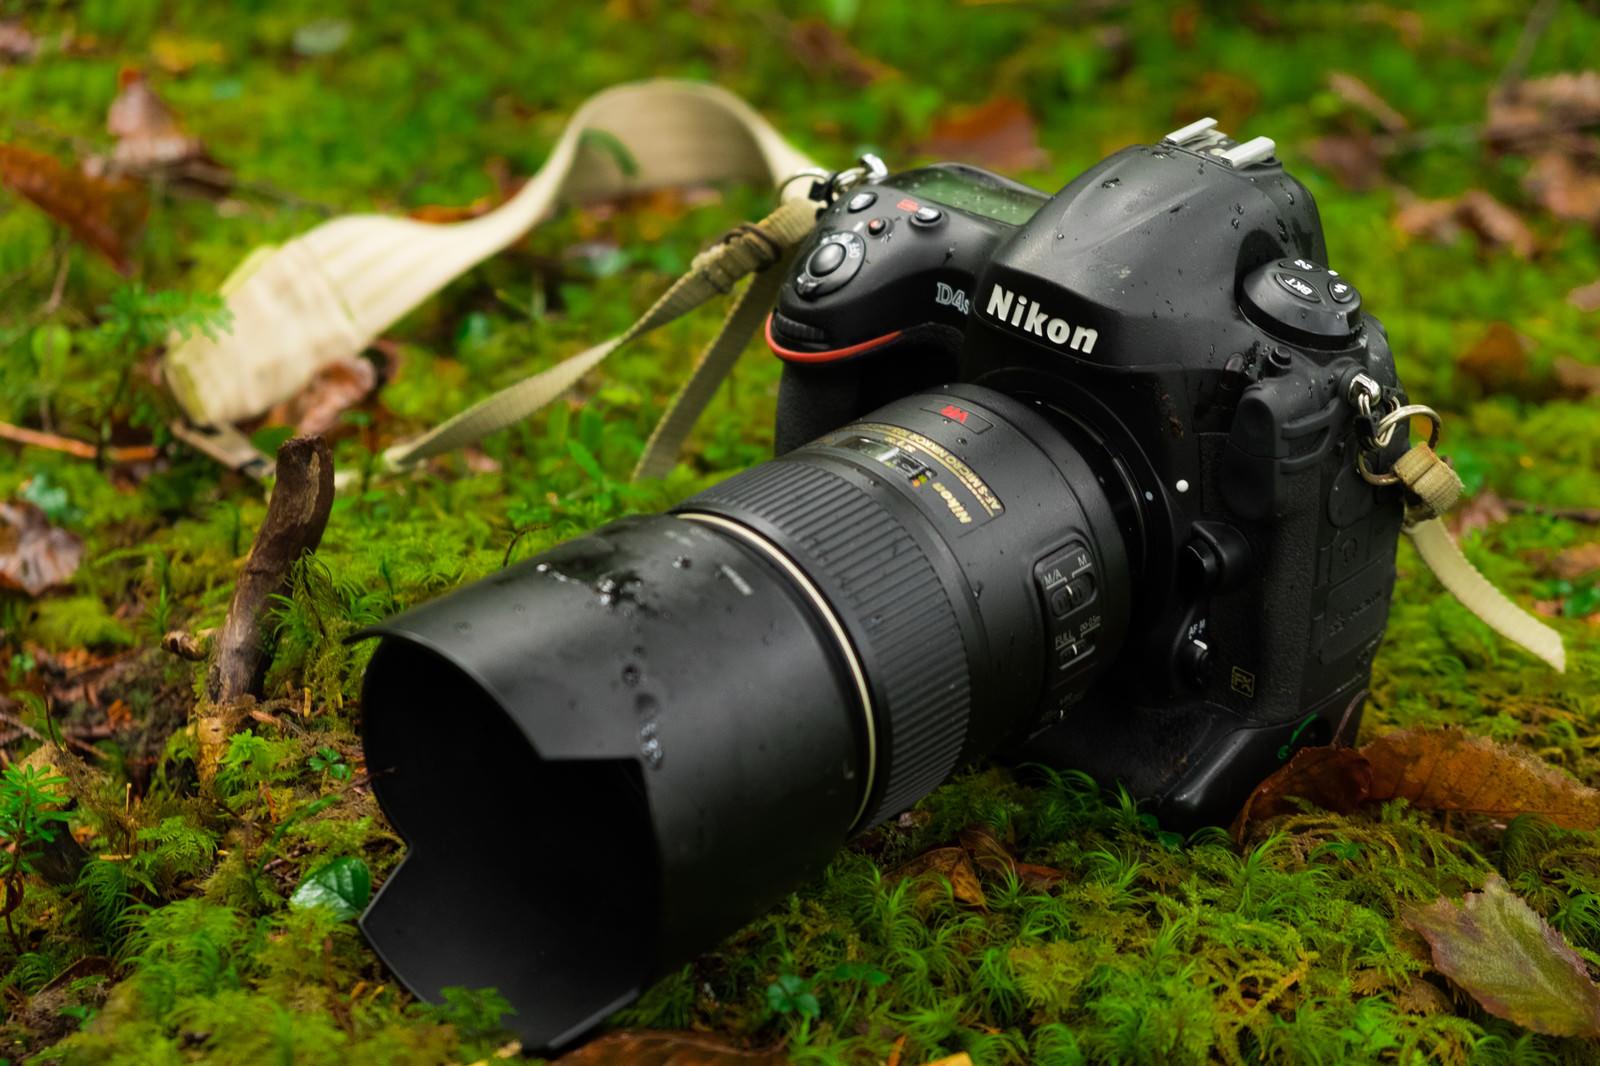 「自然の中の撮影で水滴がついた一眼レフカメラ(D4S)」の写真